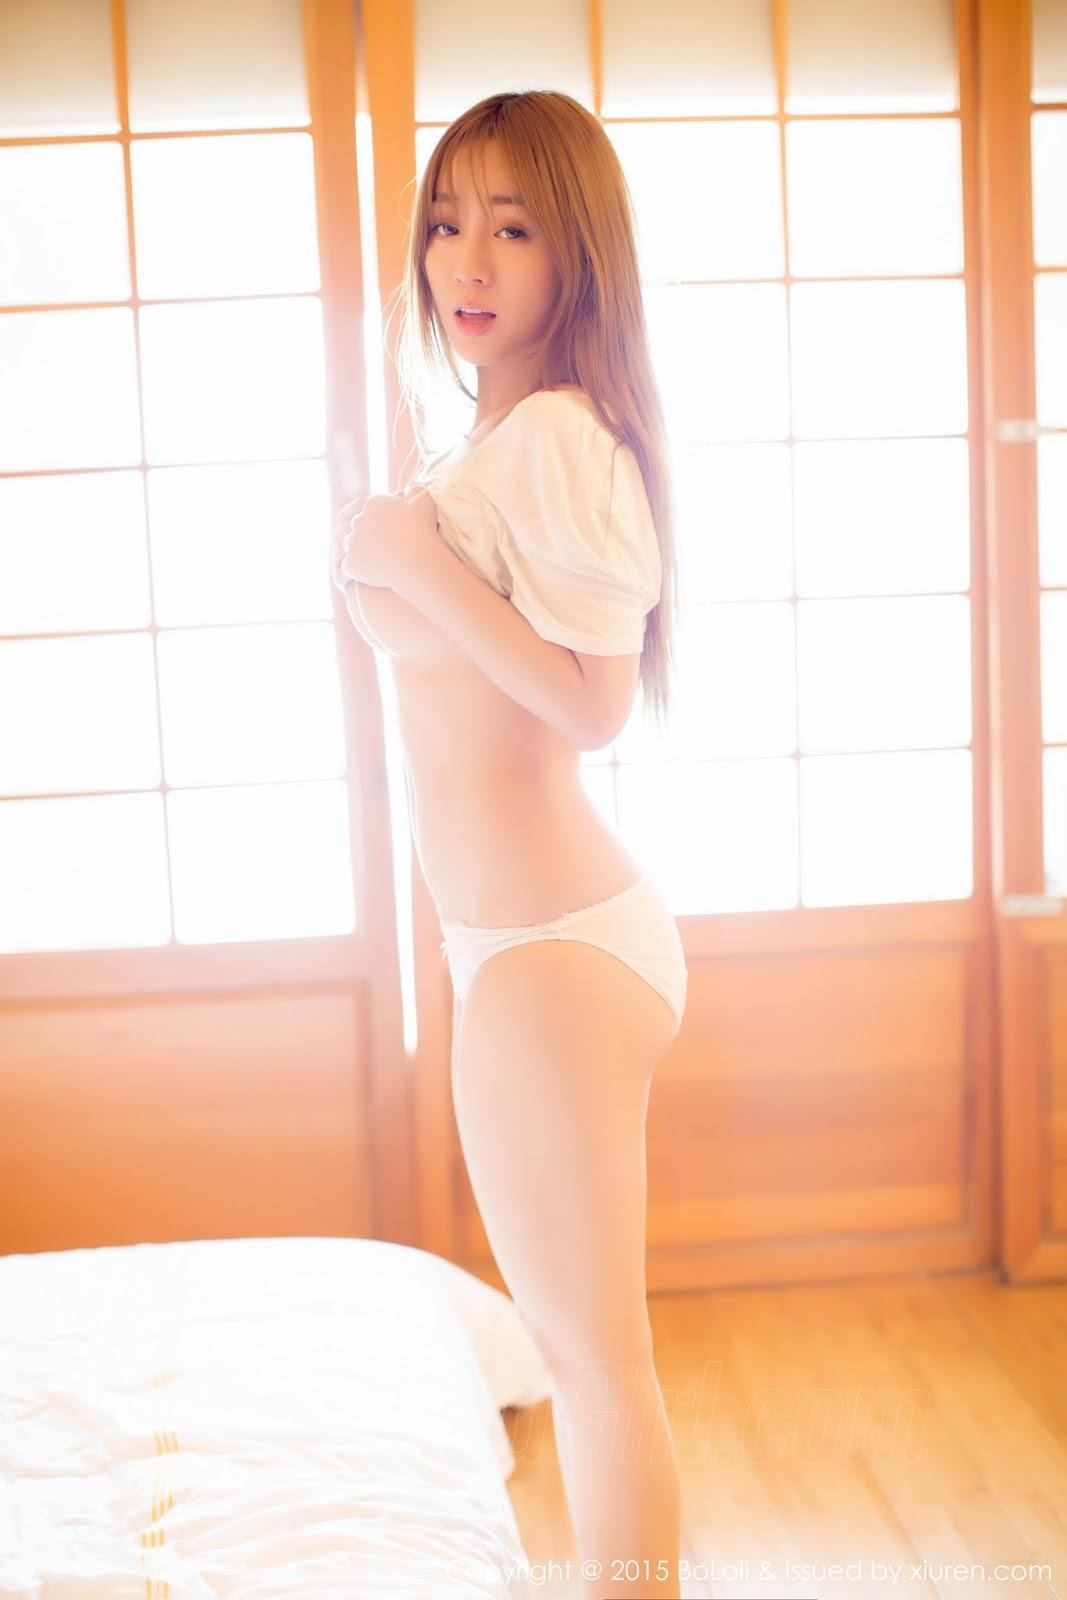 BOLOLI VOL.33 Model: 王语纯